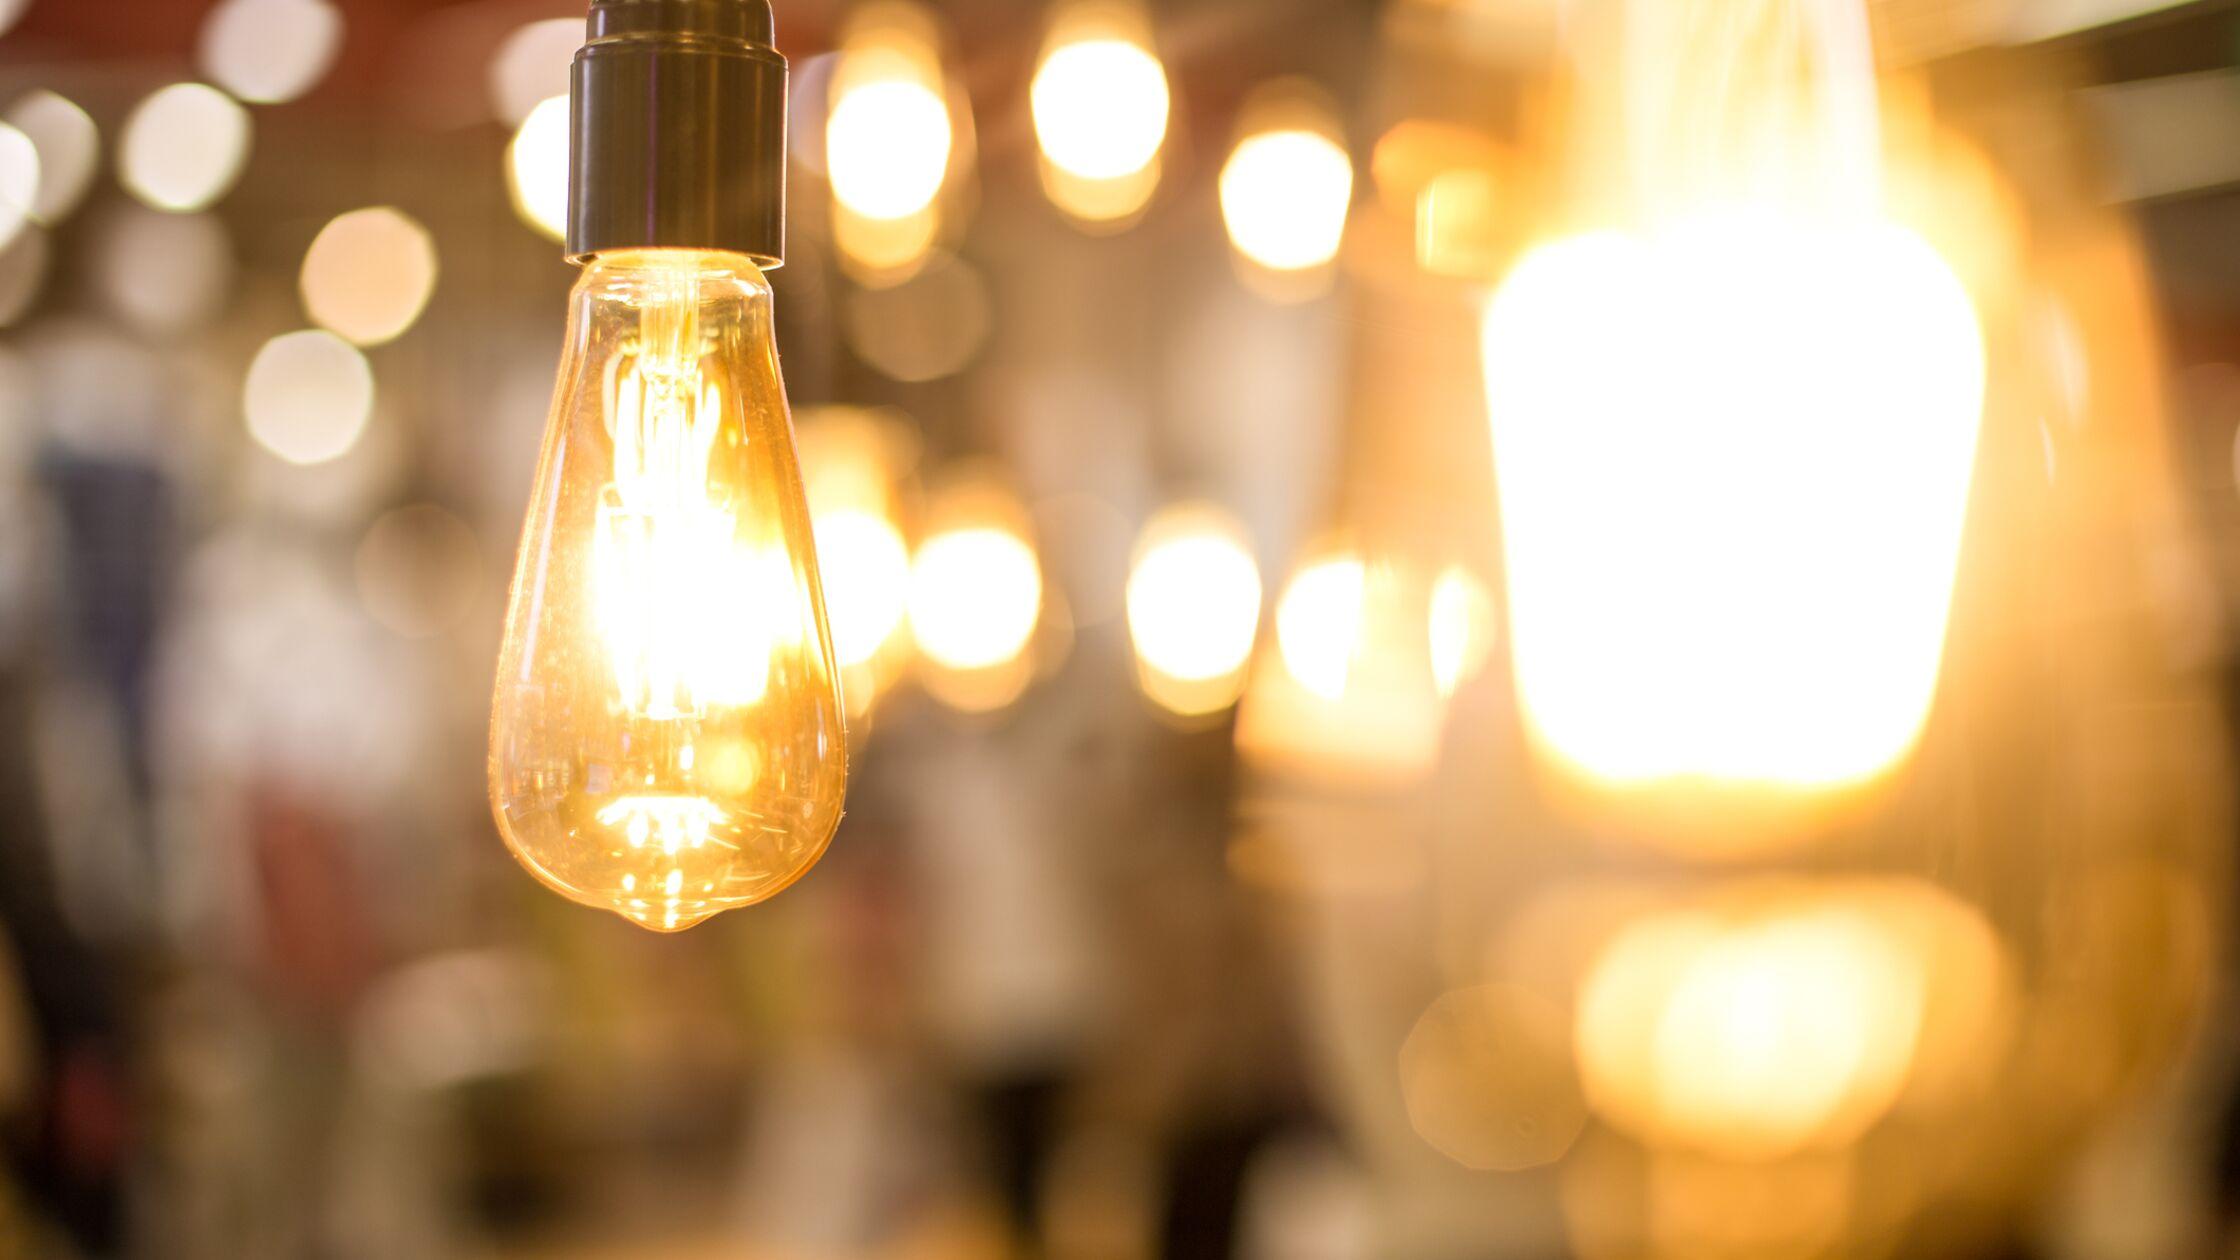 Glühbirnen angeschaltet